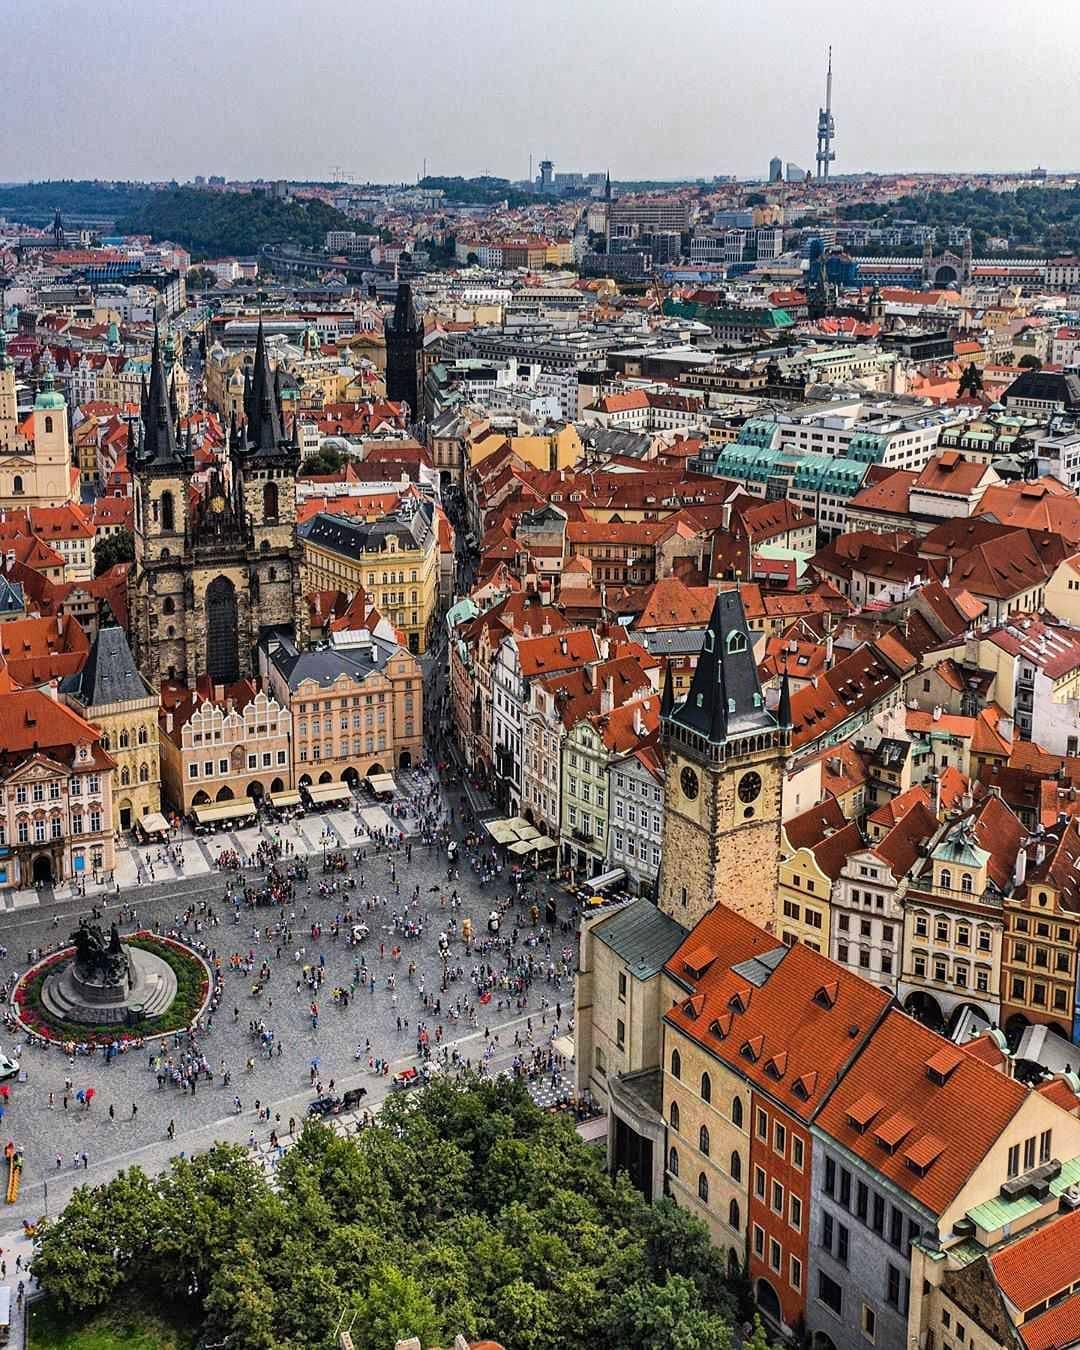 Quảng trường Old Town, Prague, Cộng hòa Czech